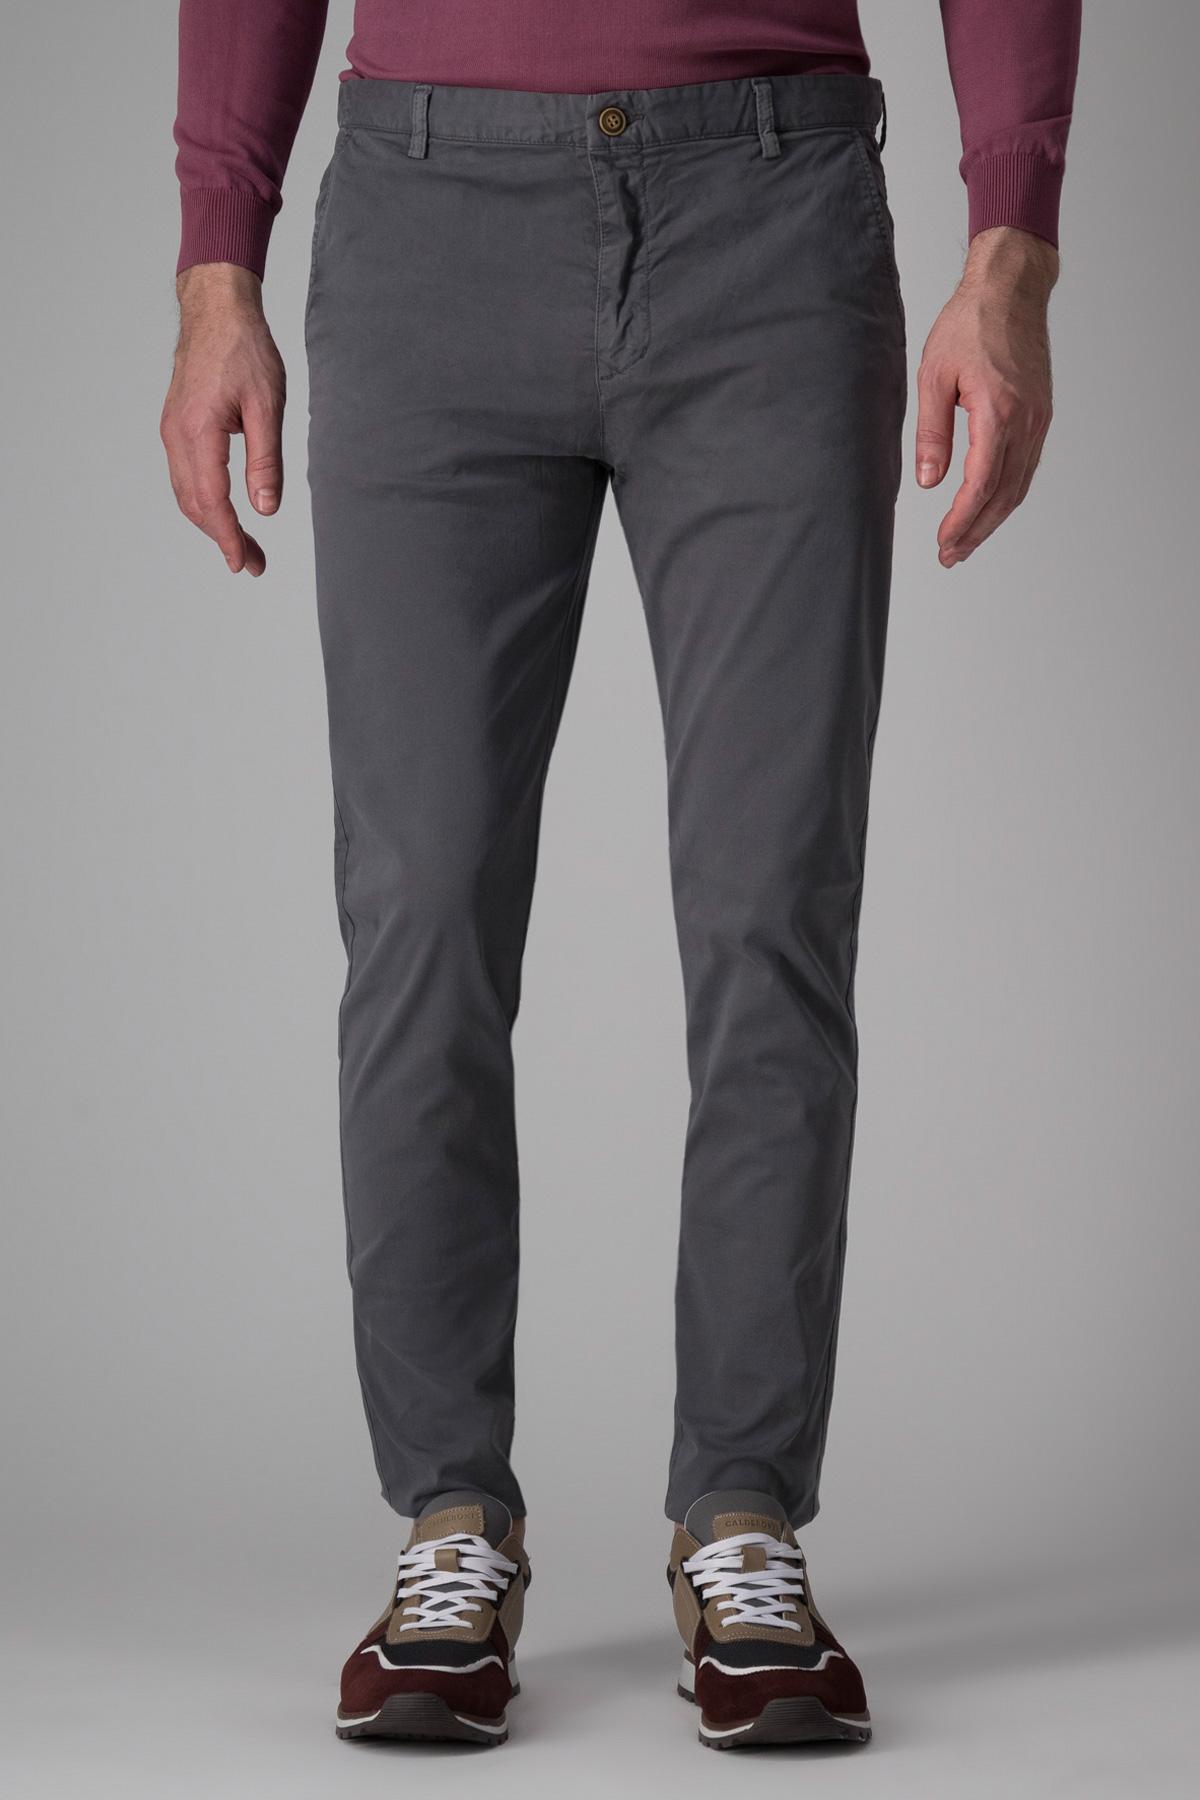 Pantalón Giorgio Valentino, modelo chino liso color gris.